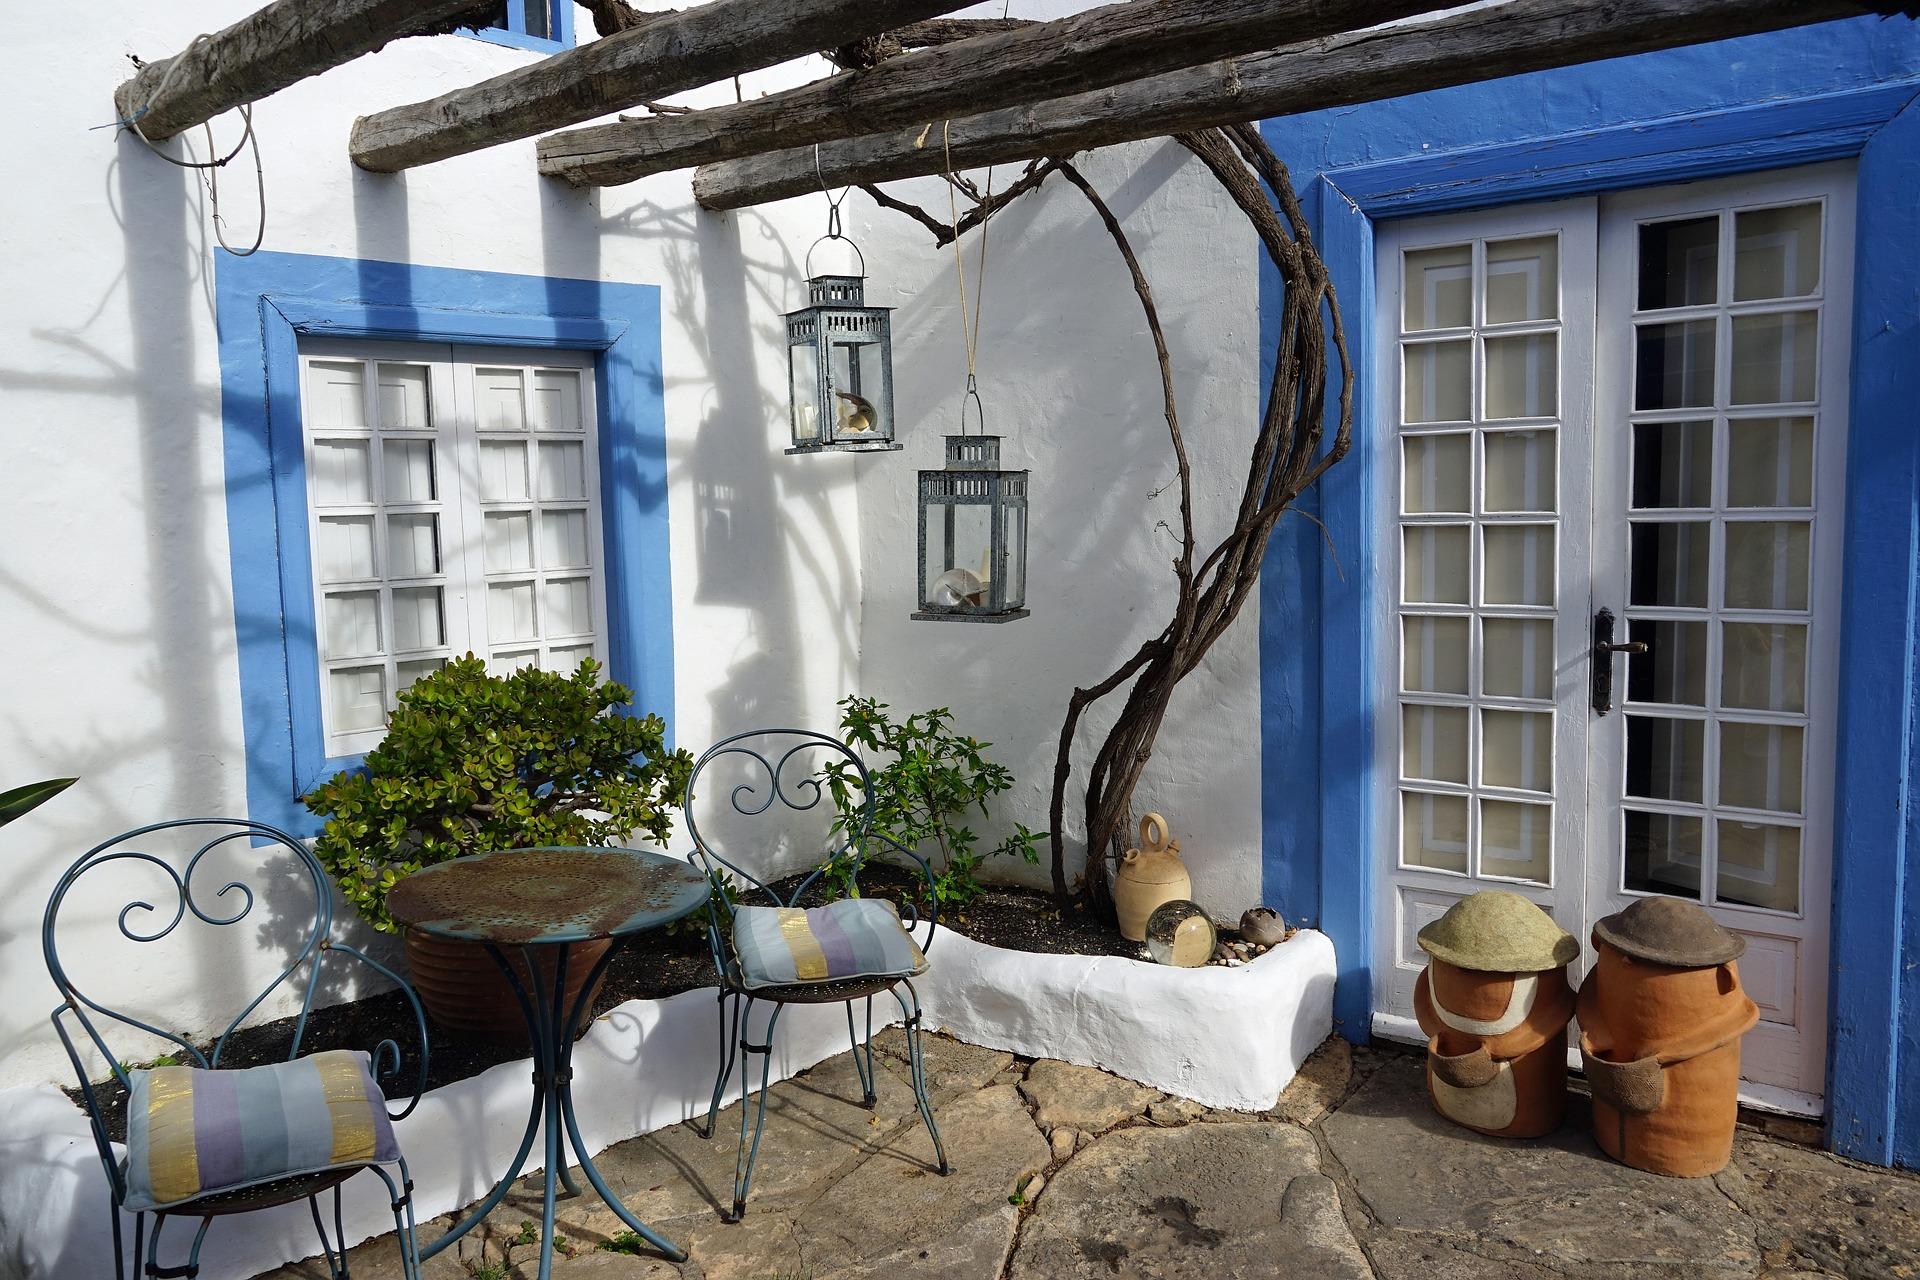 Arredo giardino azzurro: decori outdoor